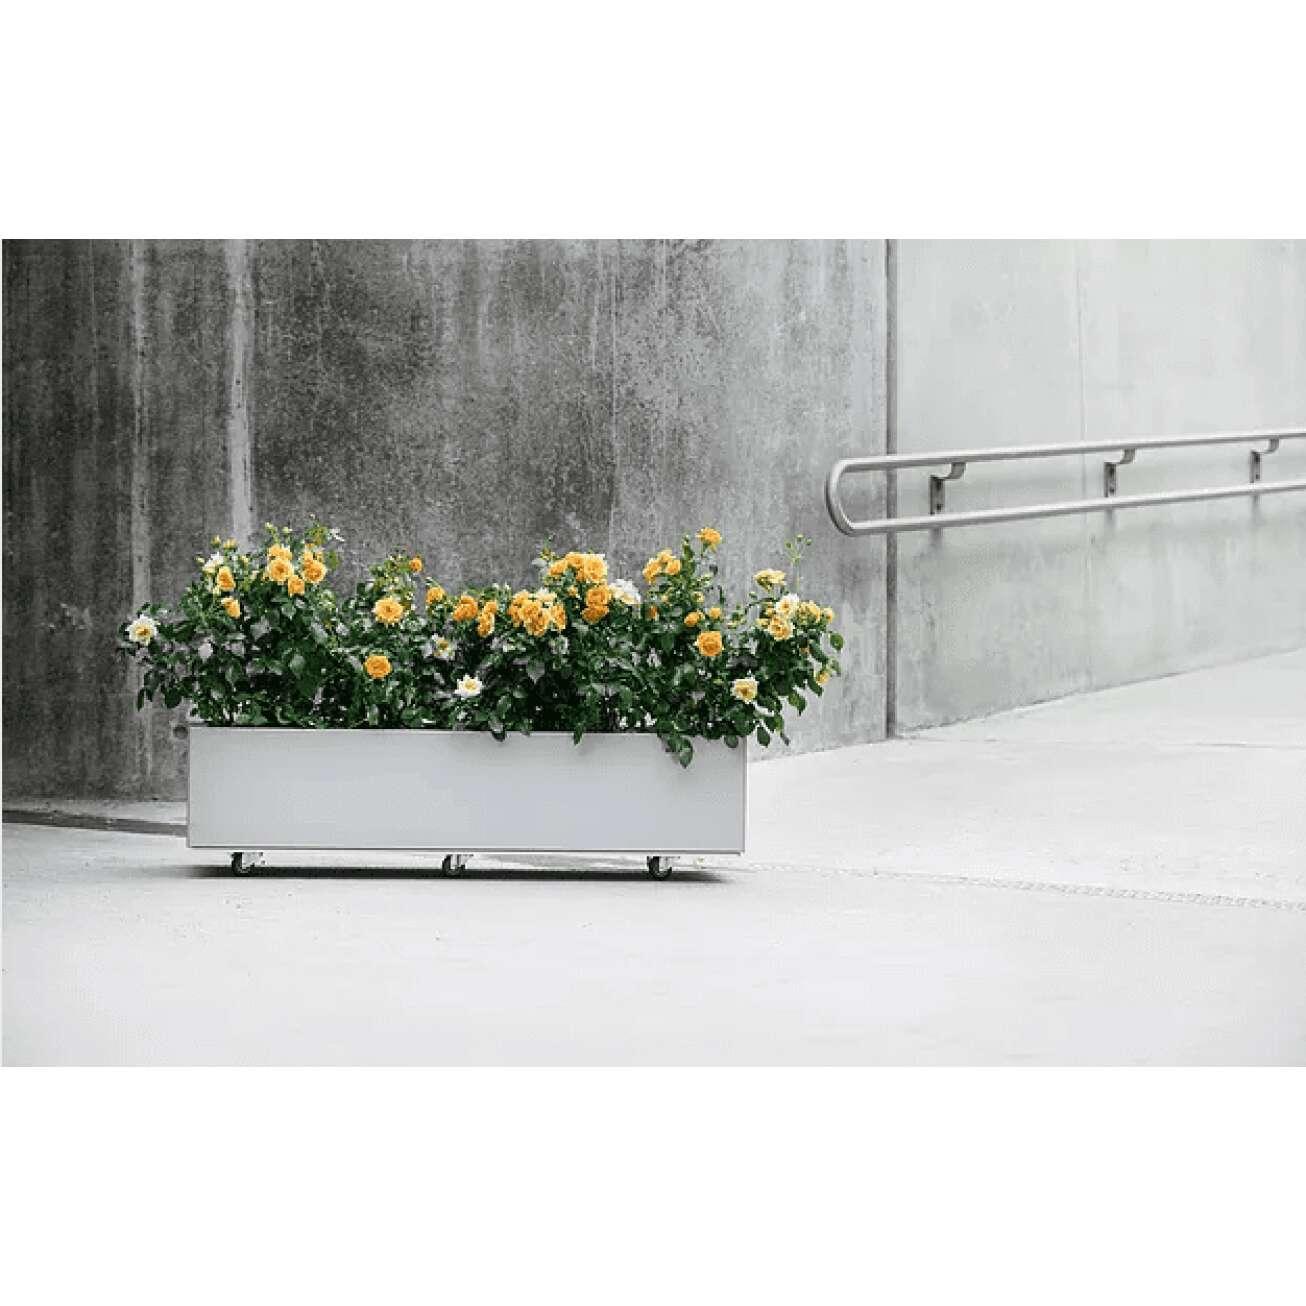 Bedd plantekasse i galfan med bunn og hjul med blomsterplanter